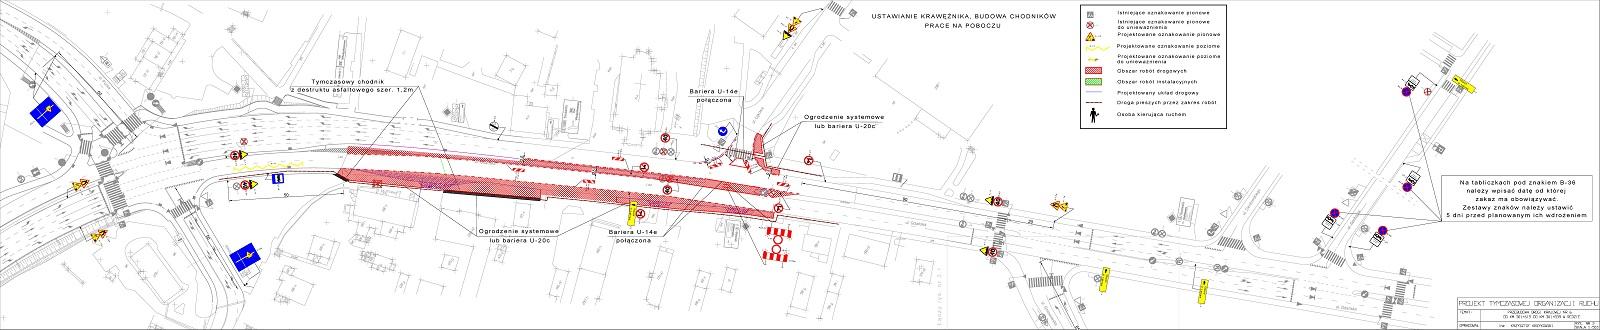 UWAGA KIEROWCY! Prace drogowe naskrzyżowaniu Gdańskiej iŁąkowej